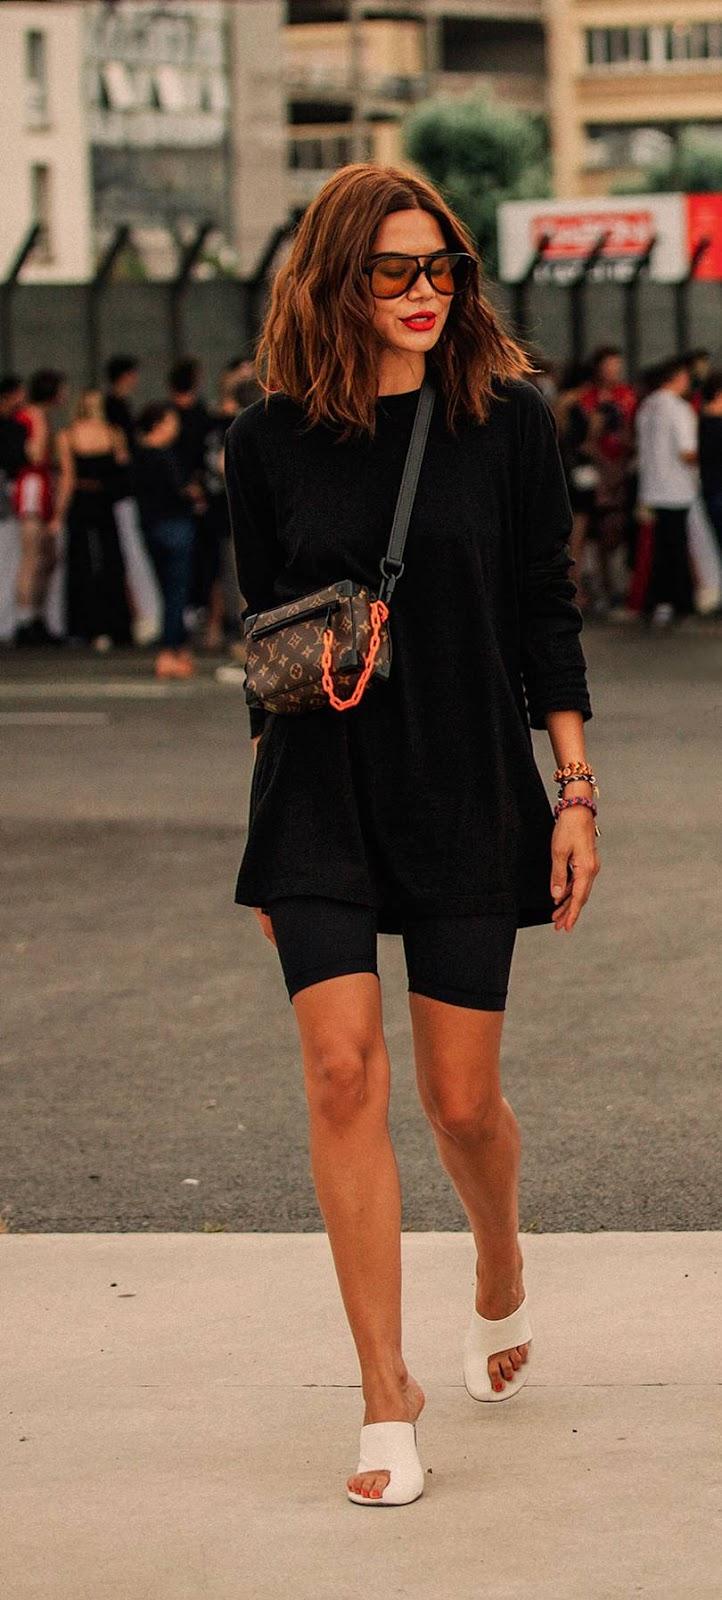 blogueira de moda e beleza sloppy street style outfit ideas